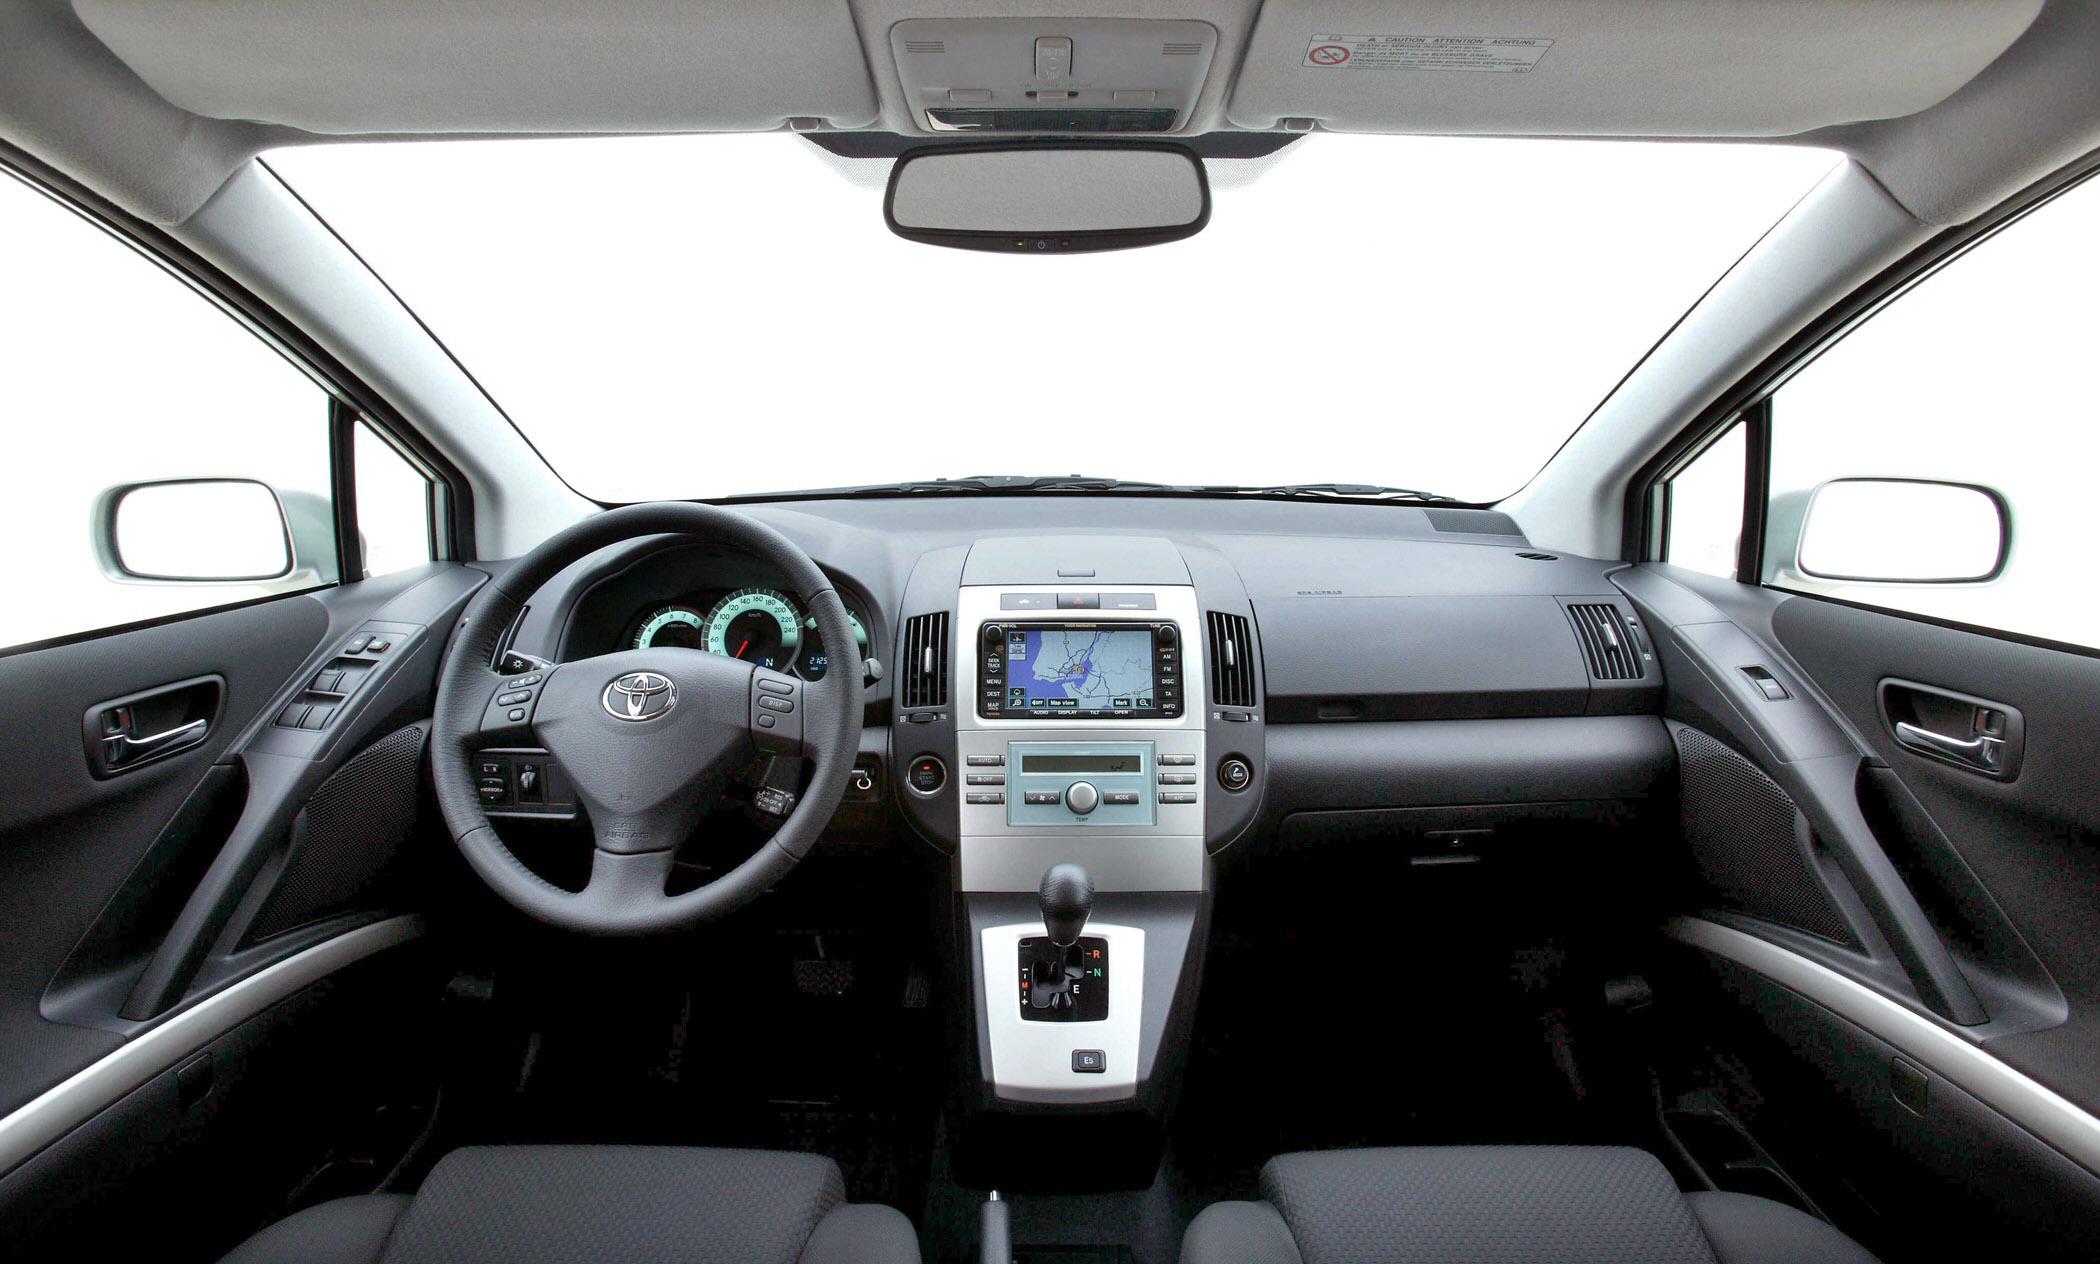 2004 Toyota Corolla Verso Picture 77116